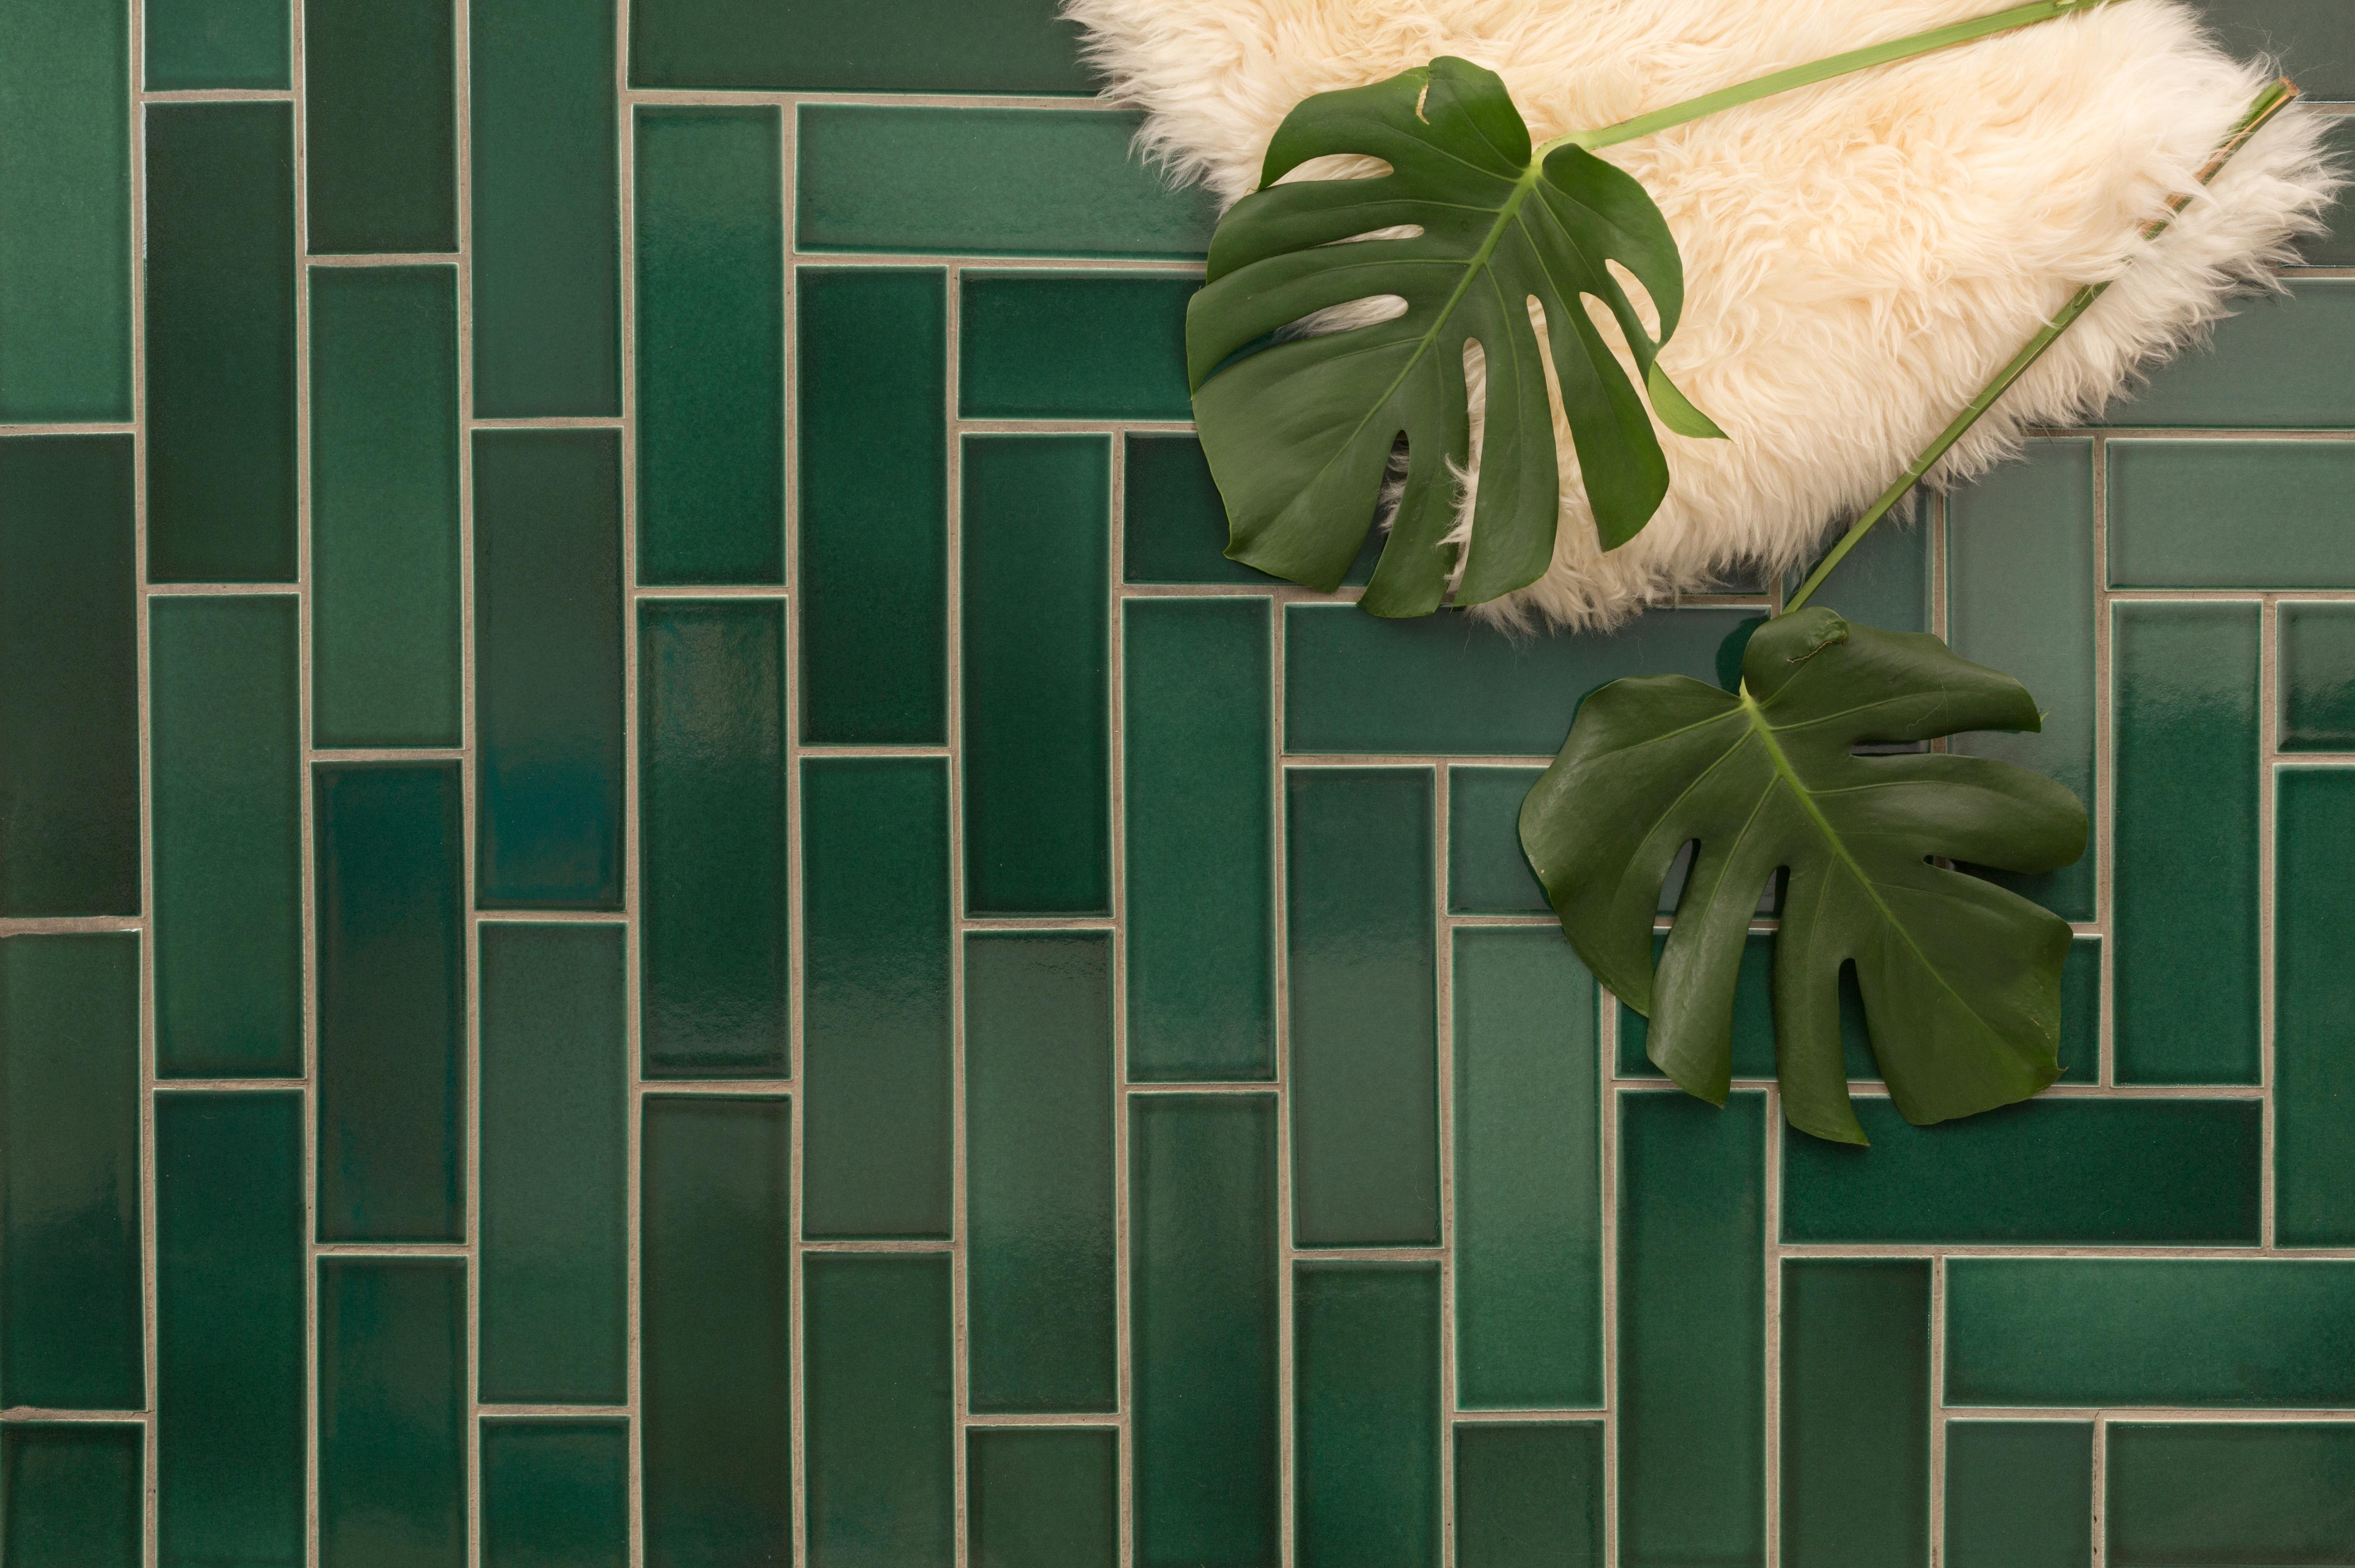 3 x 9 tiles in Venetian Green